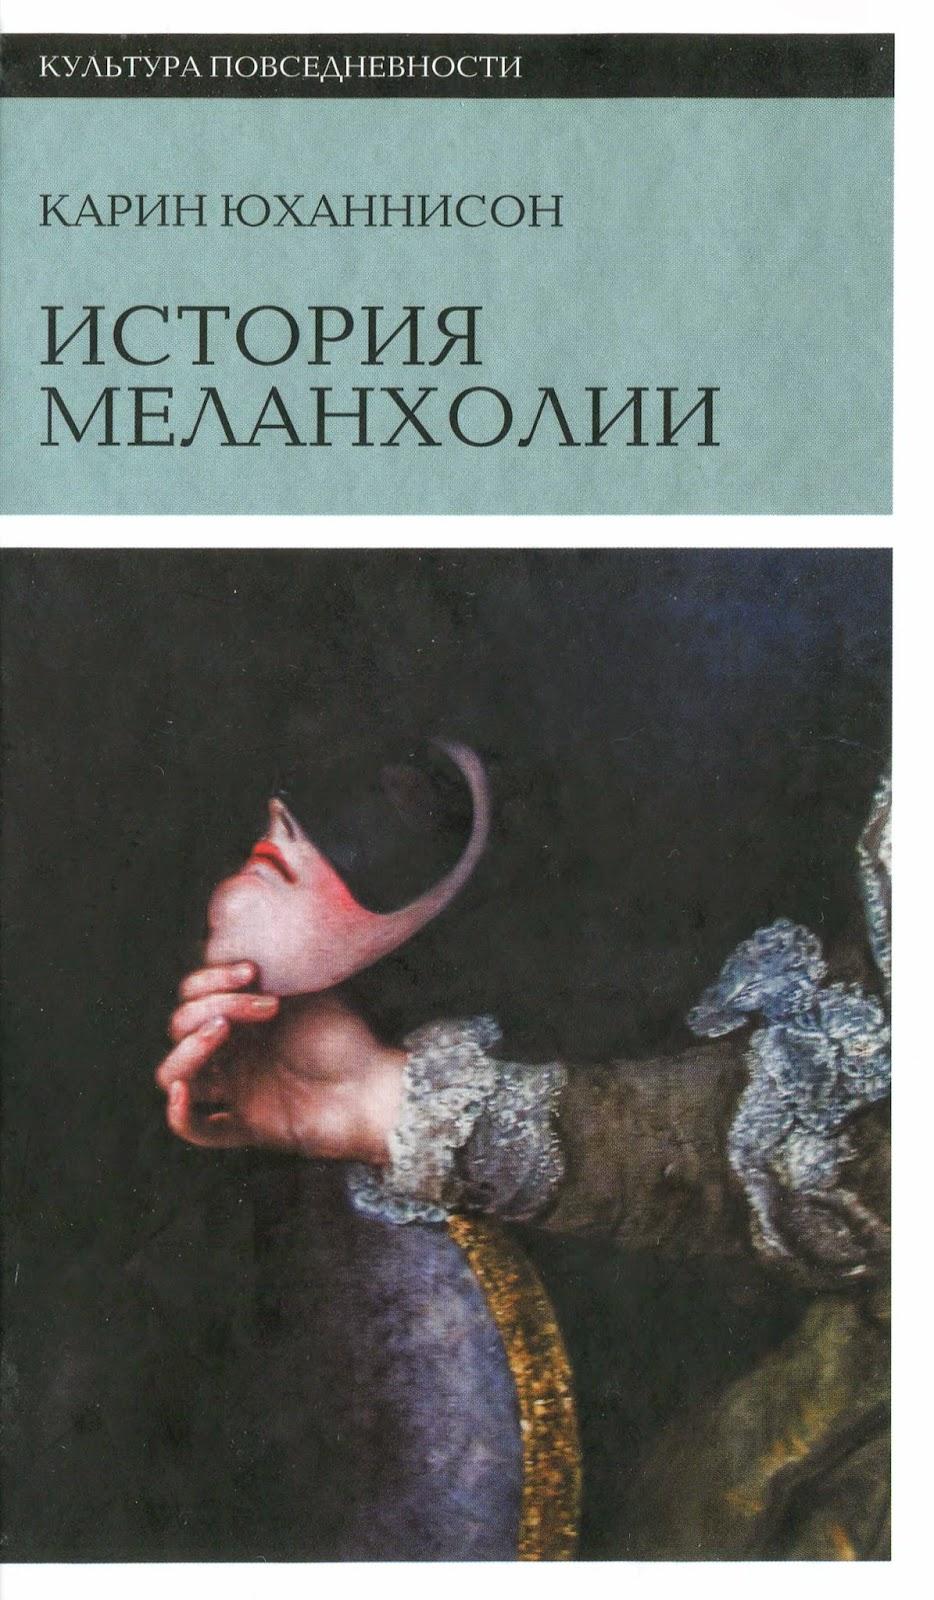 127278_yuhannison_k_istoriya_melanholii_kultura_povsednevnosti_2011.jpg